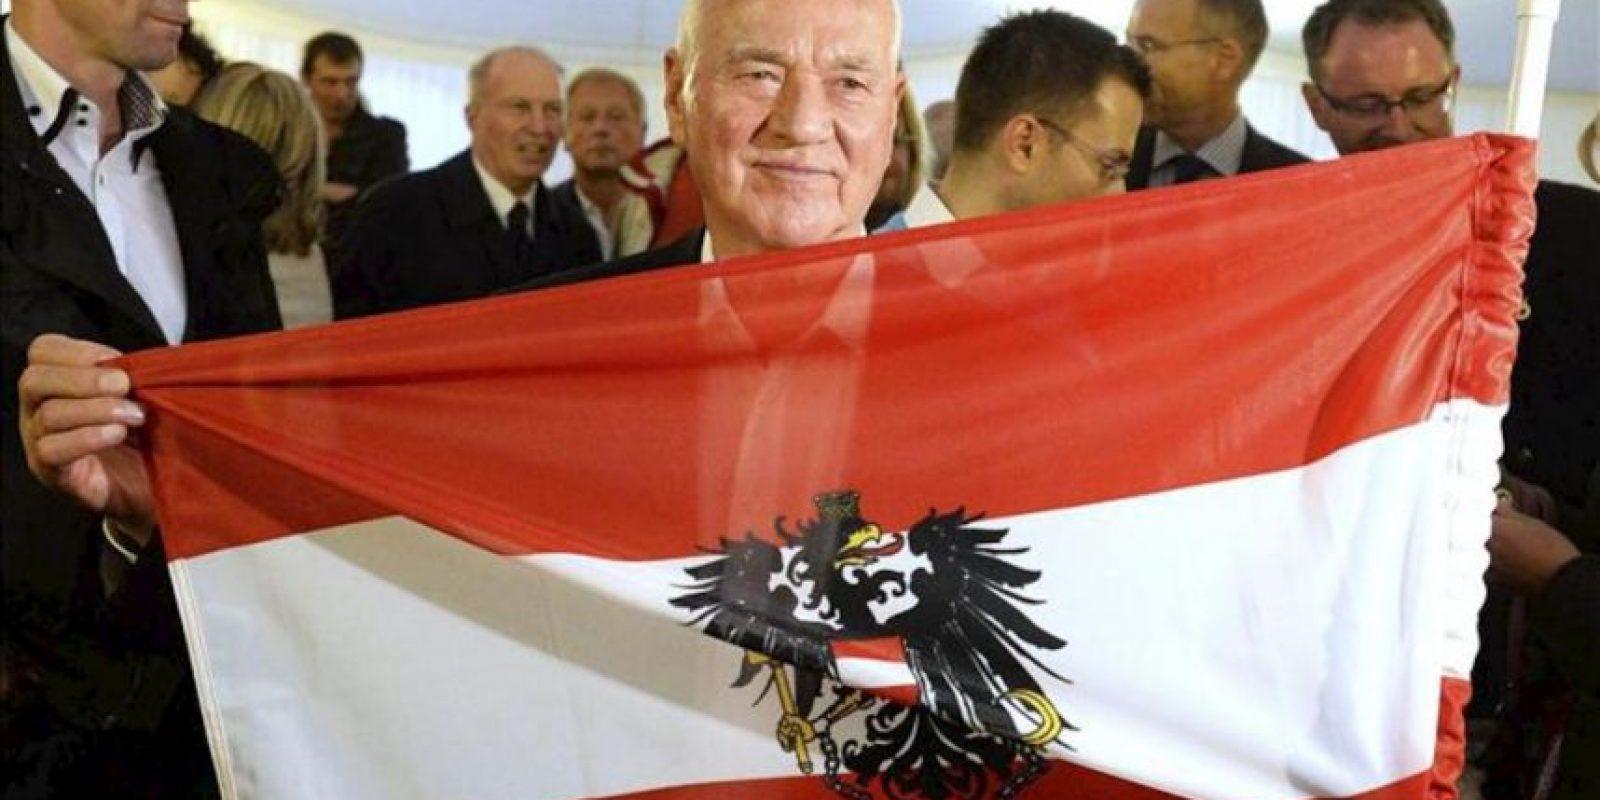 El millonario austro-canadiense Frank Stronach, líder del partido Team Stronach, sostiene una bandera nacional durante un acto de campaña electoral de su partido en Viena (Austria) hoy, viernes 27 de septiembre de 2013. EFE